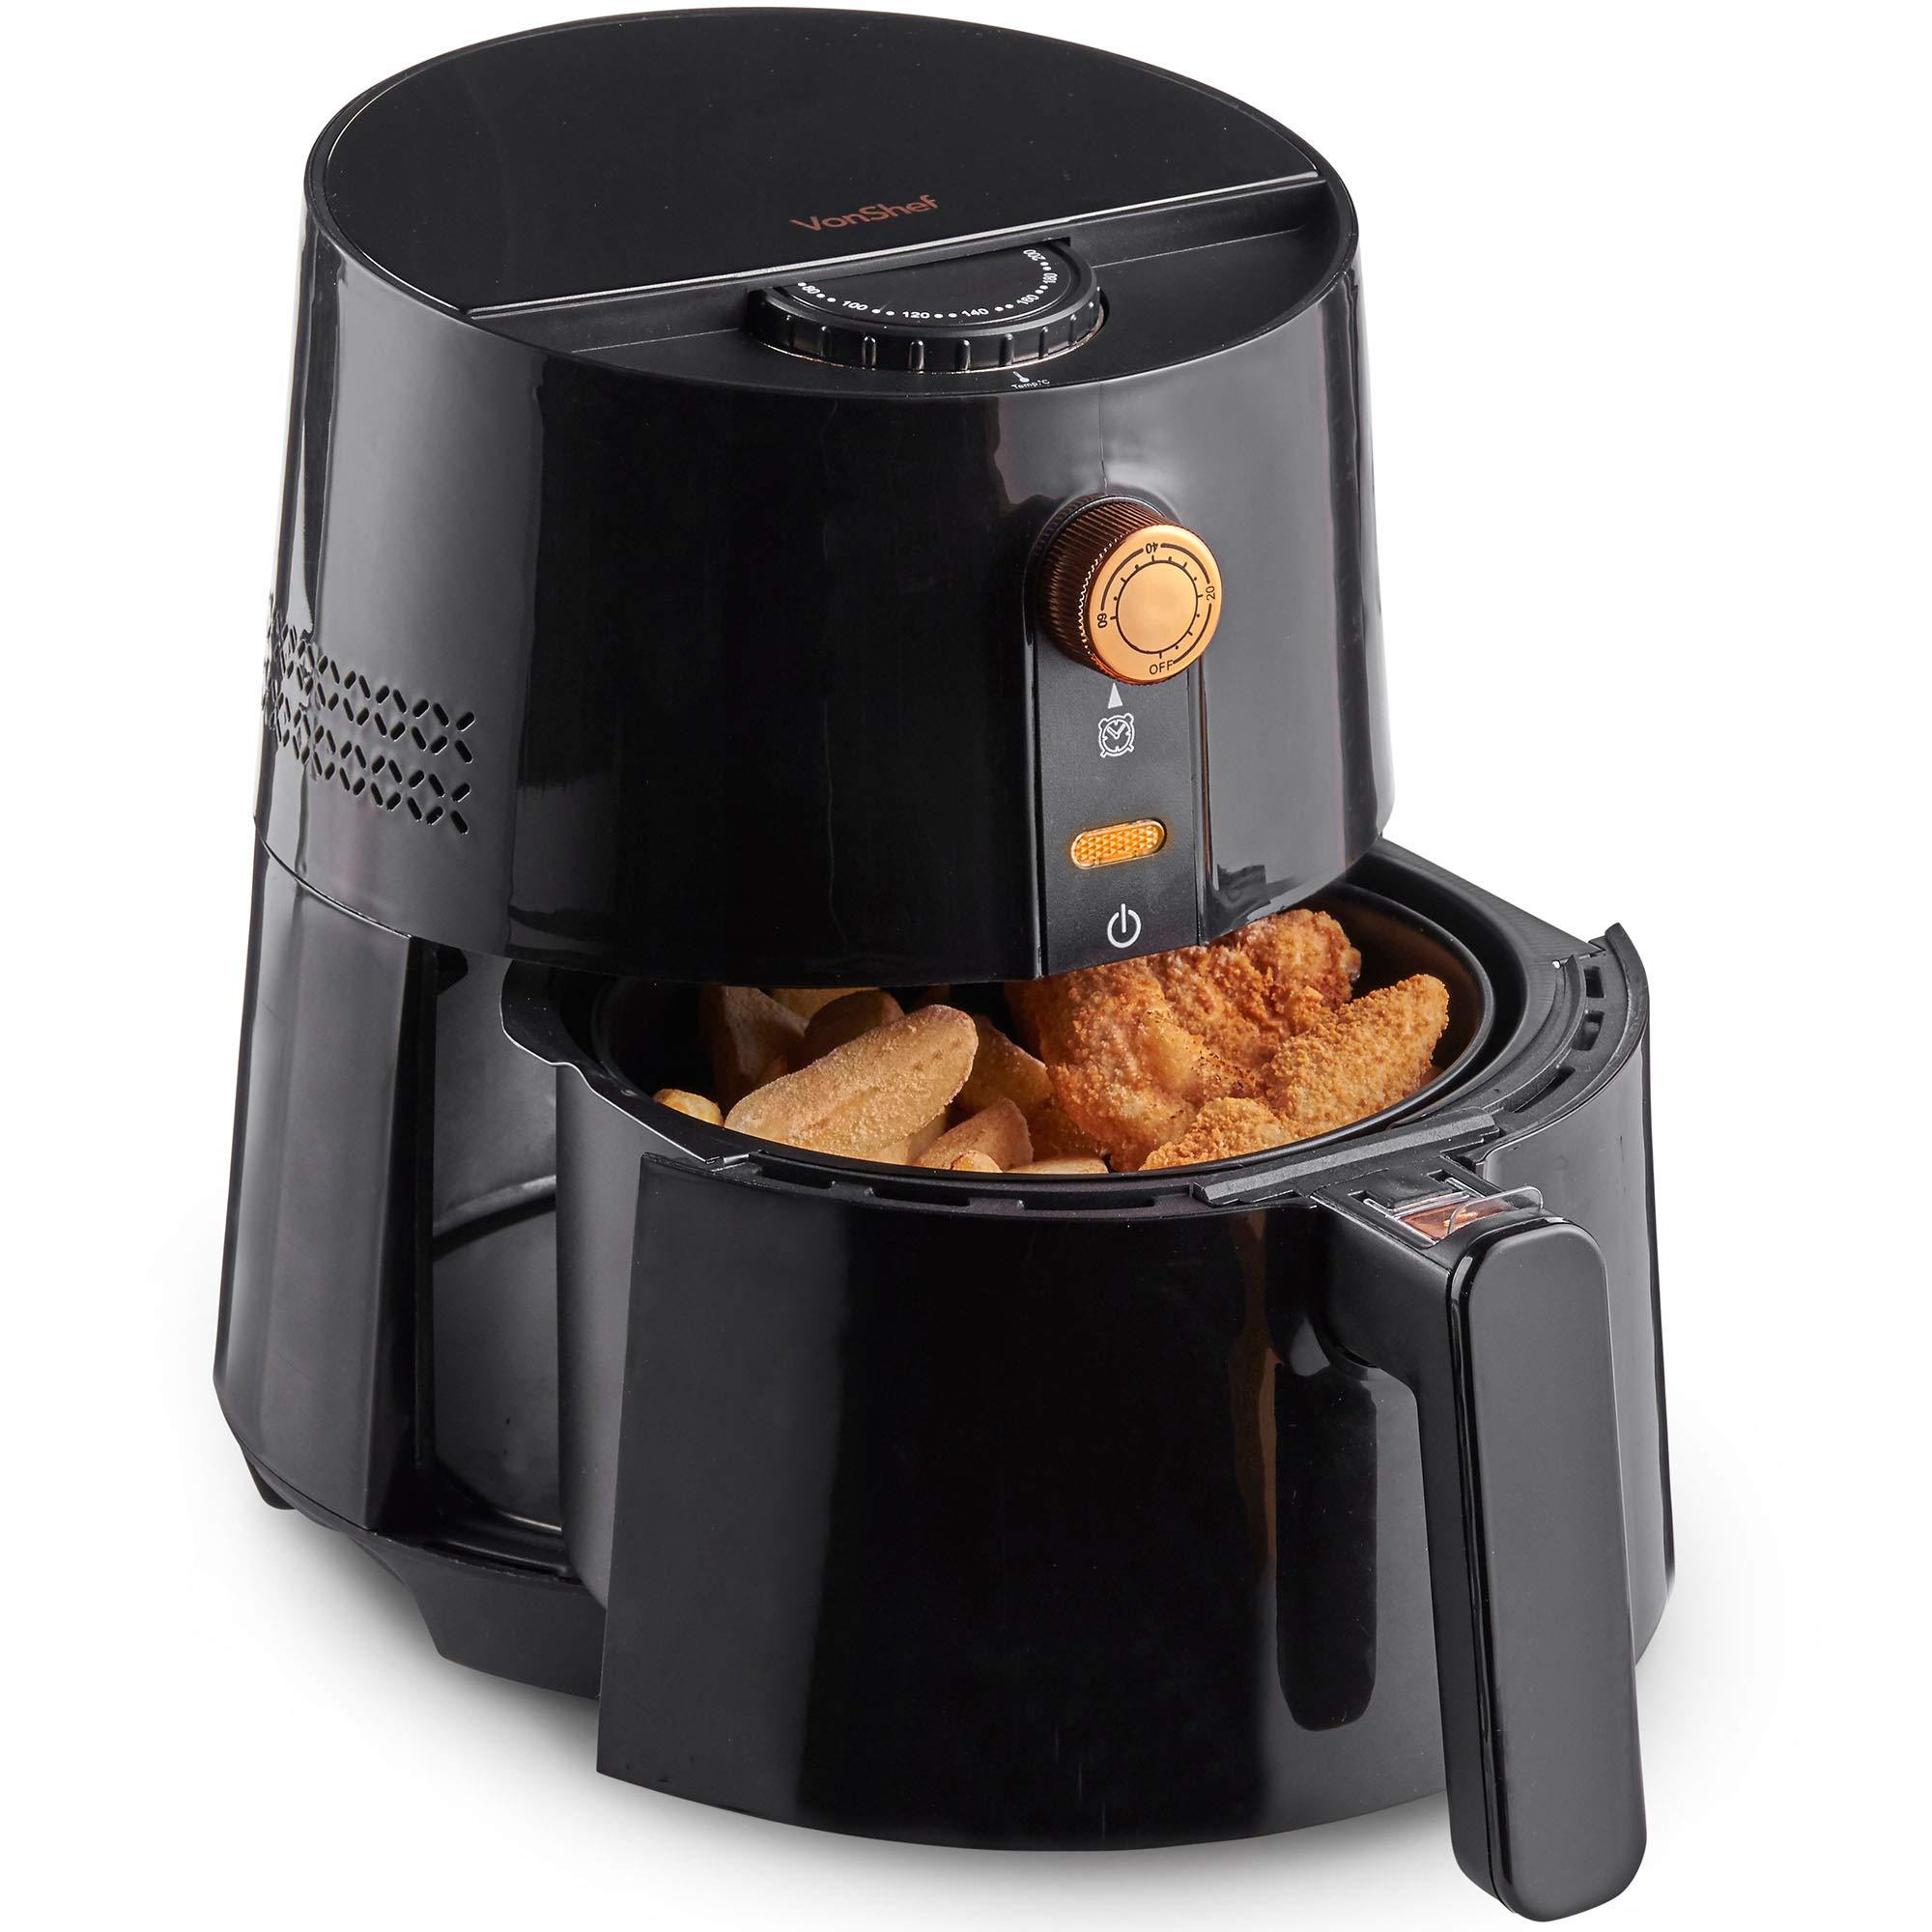 VonShef Freidora sin Aceite de Aire Caliente 2,5 L y 1300 W – Cocina Bajo en Grasa y Saludable, Control de Temperatura Ajustable: Amazon.es: Hogar